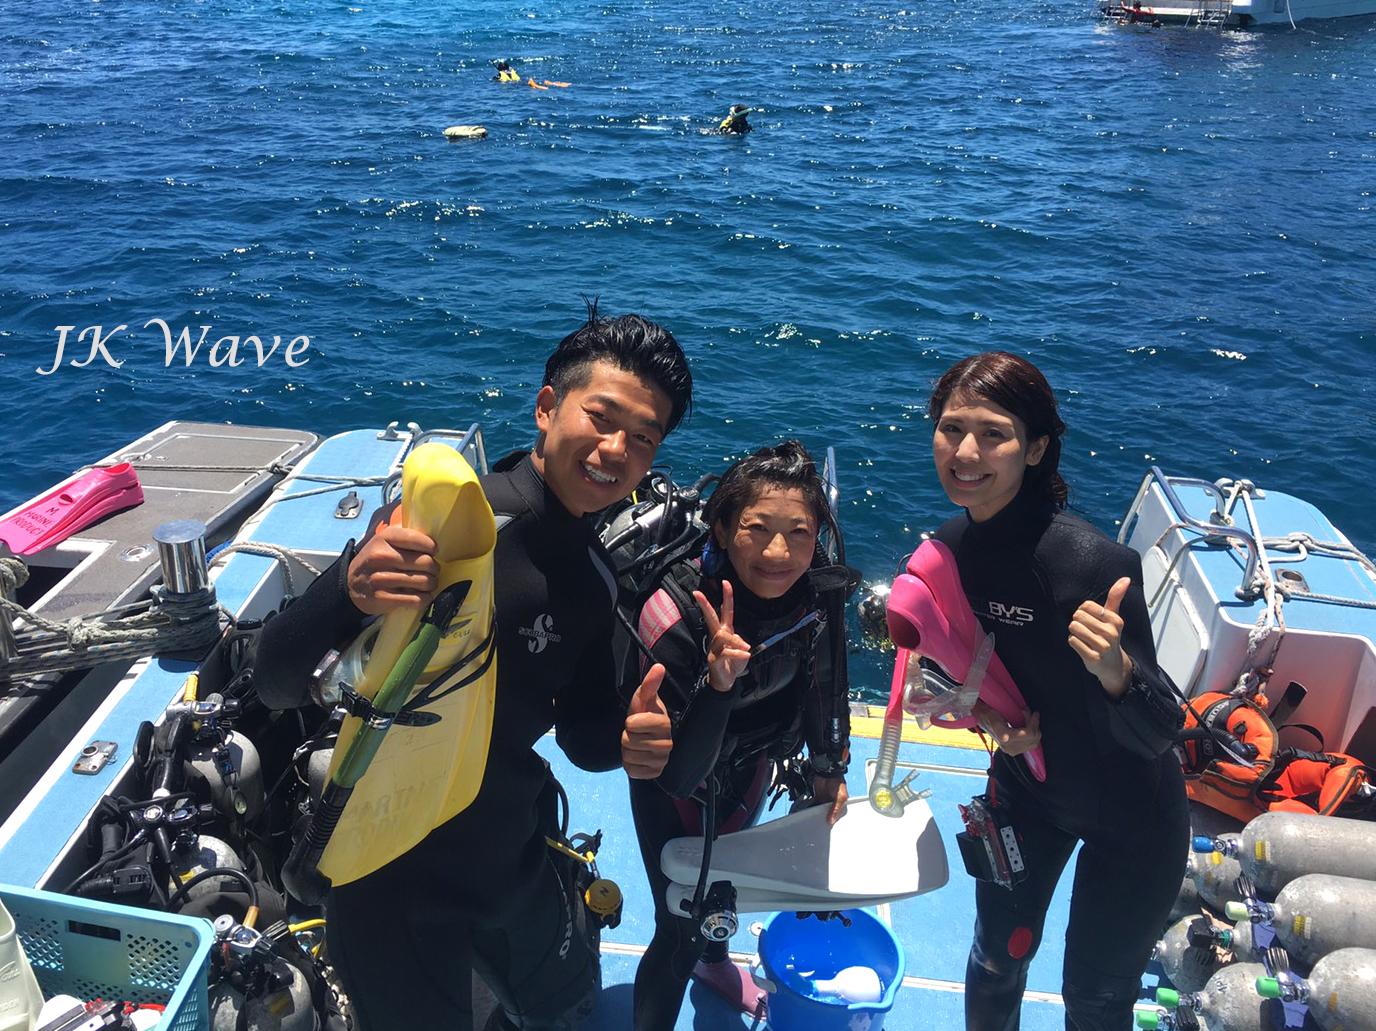 ジェイケ-ウェーブJK-Wave沖縄ドローン空撮付き体験ダイビング_お客様の声002